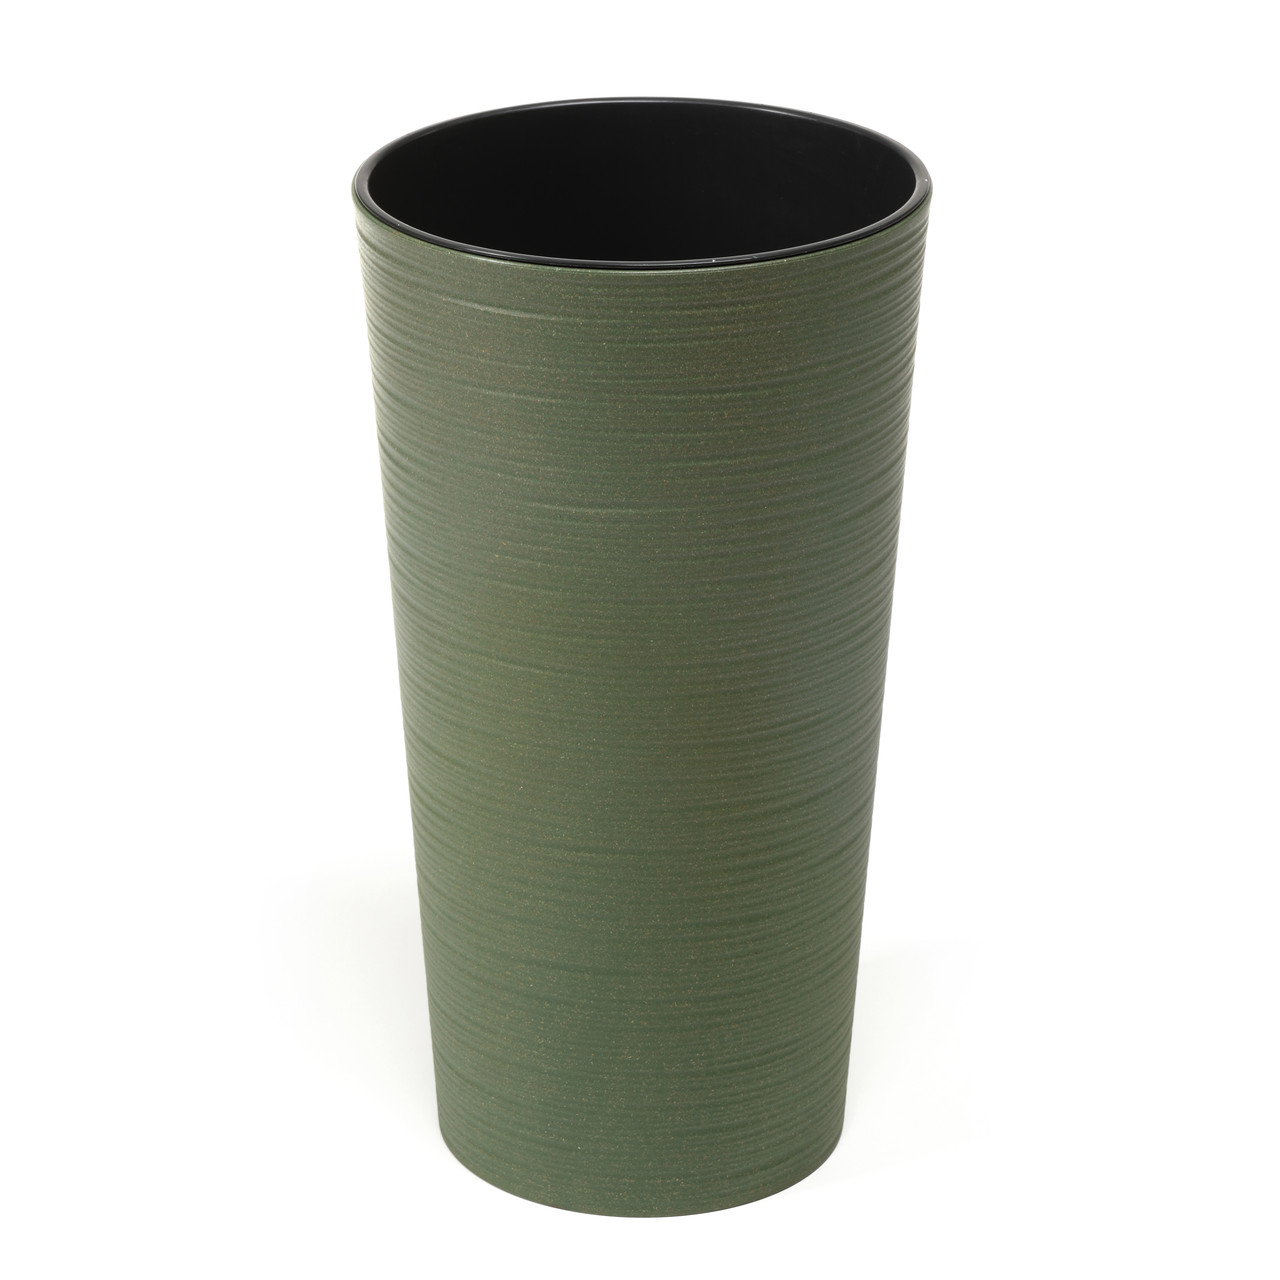 Горшок для цветов Lilia Lamela ЭКО 250 Dluto - лесной зеленый